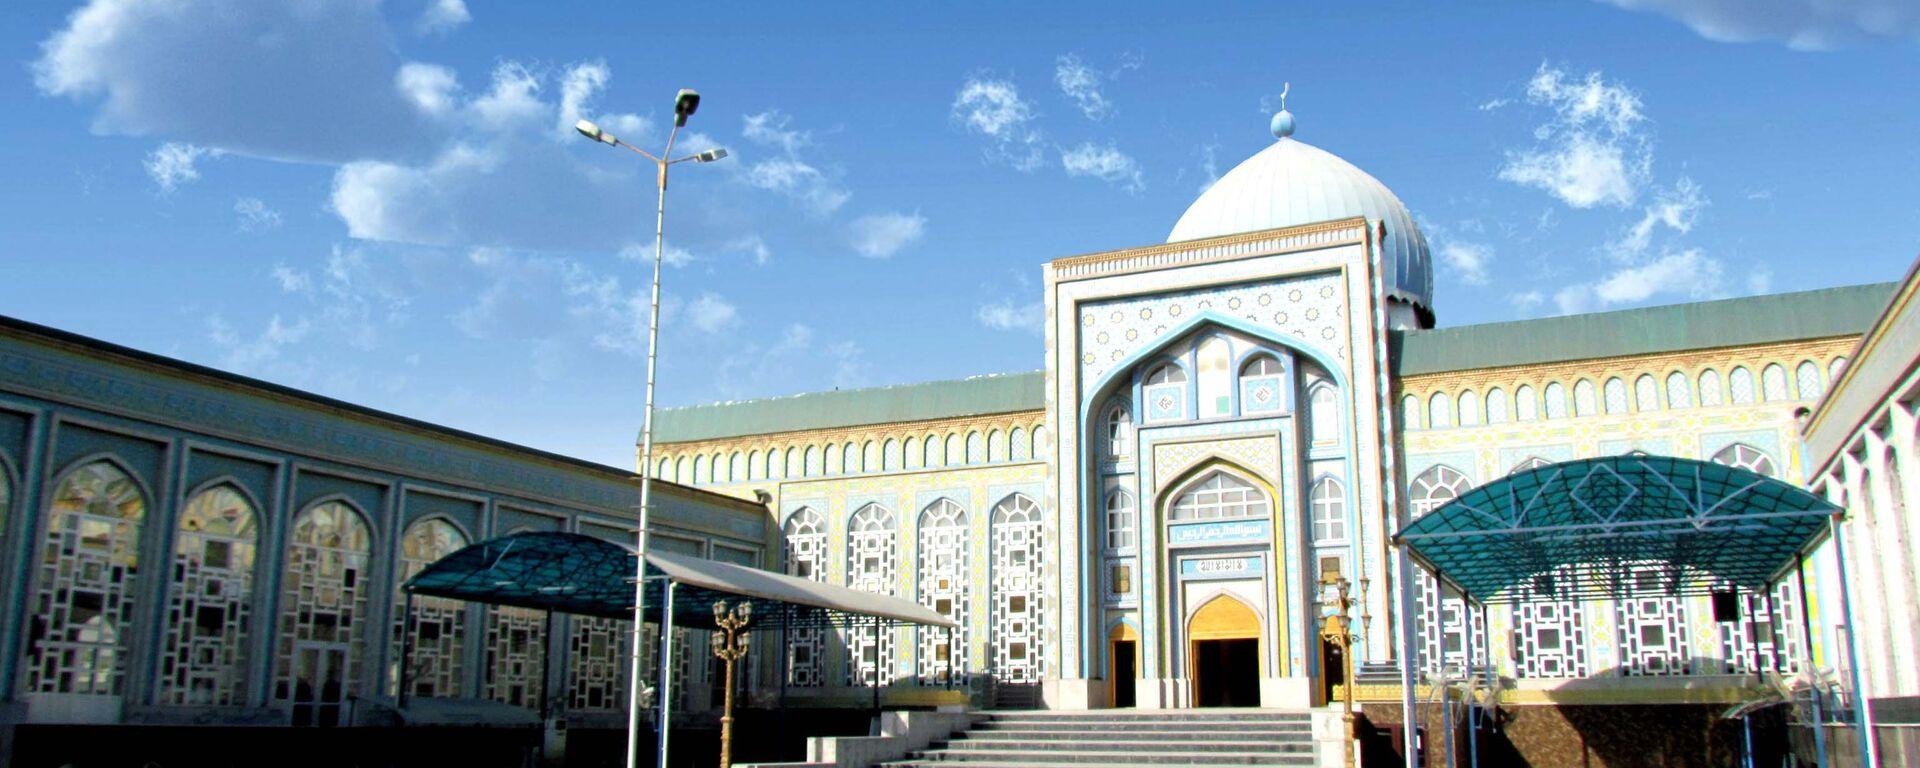 Исламский центр Республики Таджикистан - Sputnik Тоҷикистон, 1920, 31.03.2021